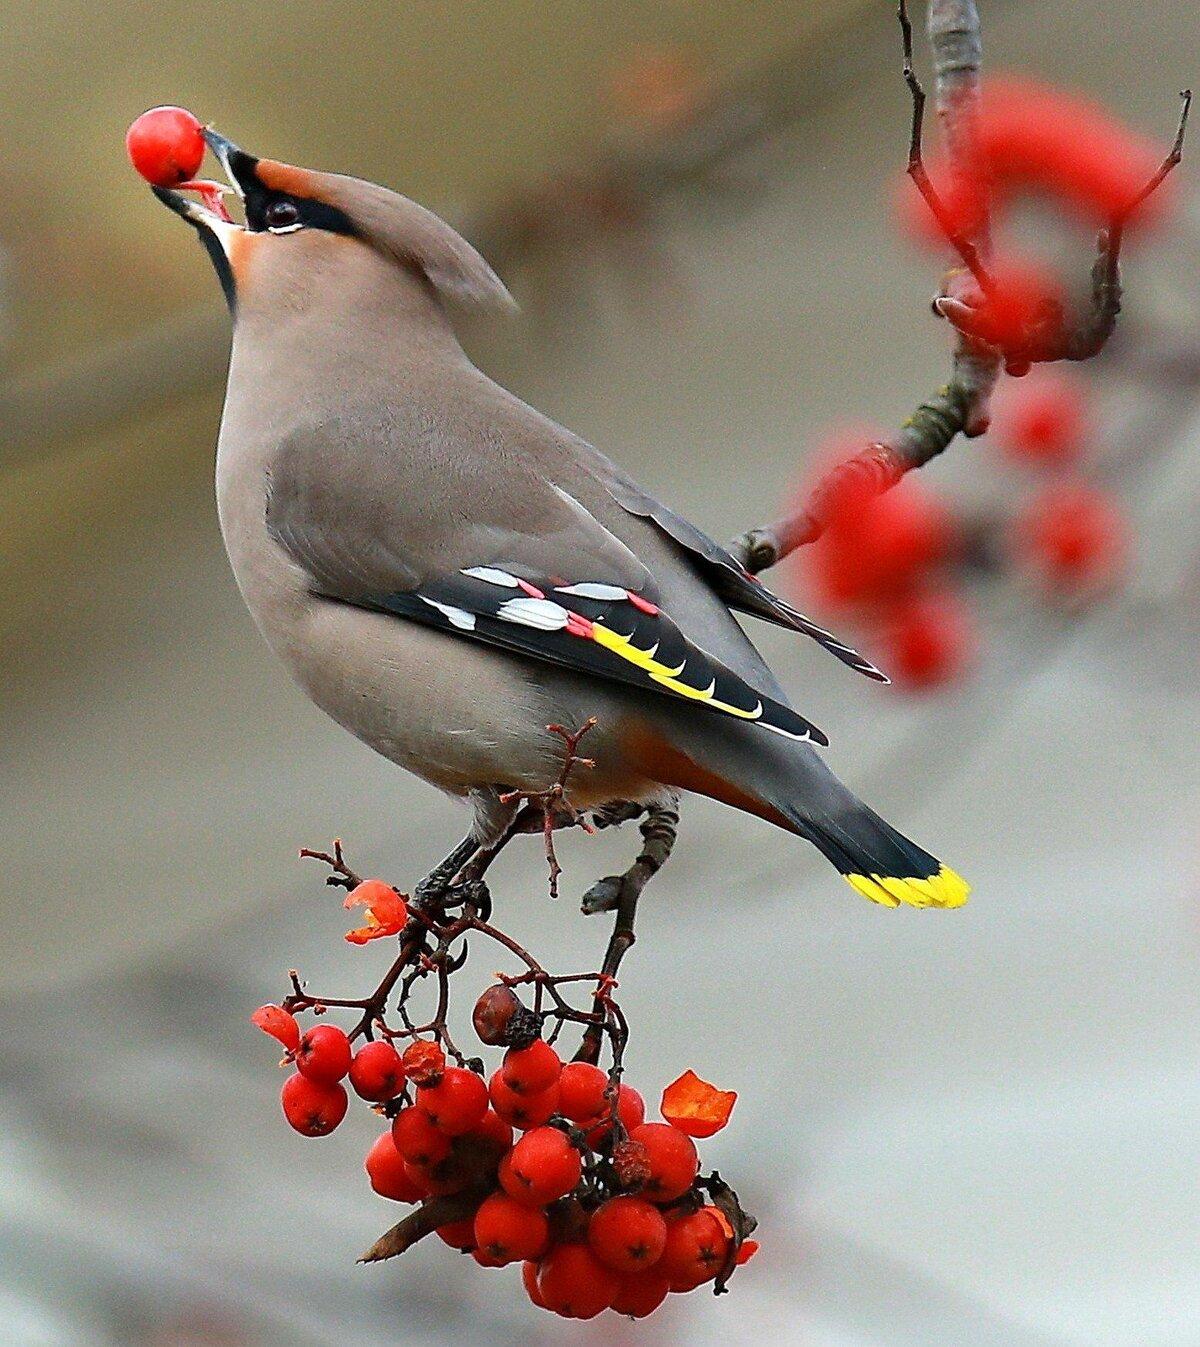 смотреть картинки птиц украине есть